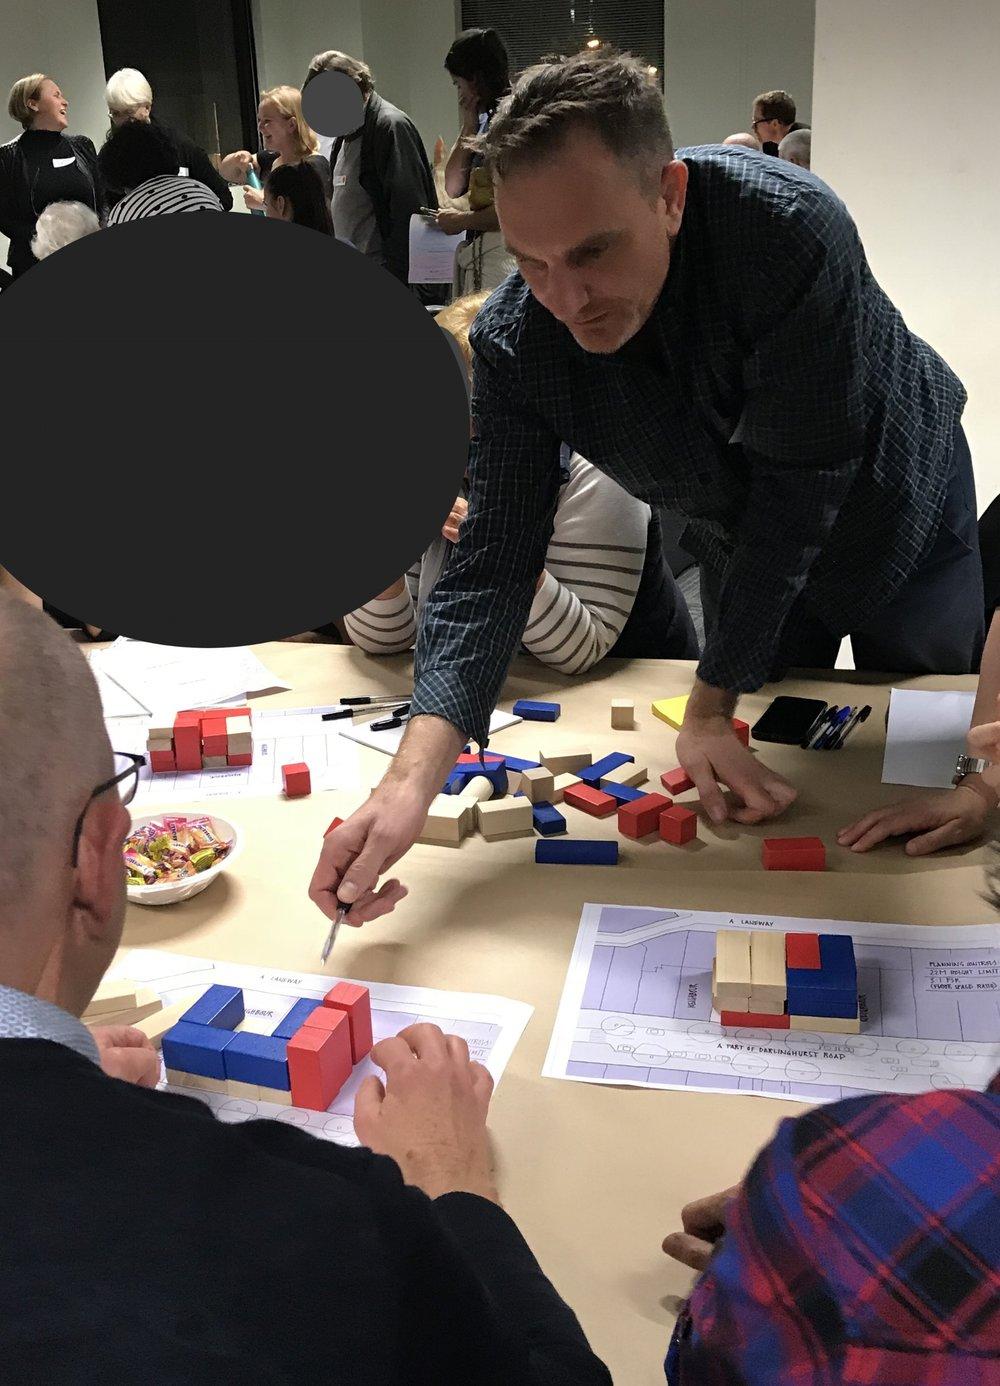 KXW-community engagement workshop RH RDO redacted.JPG